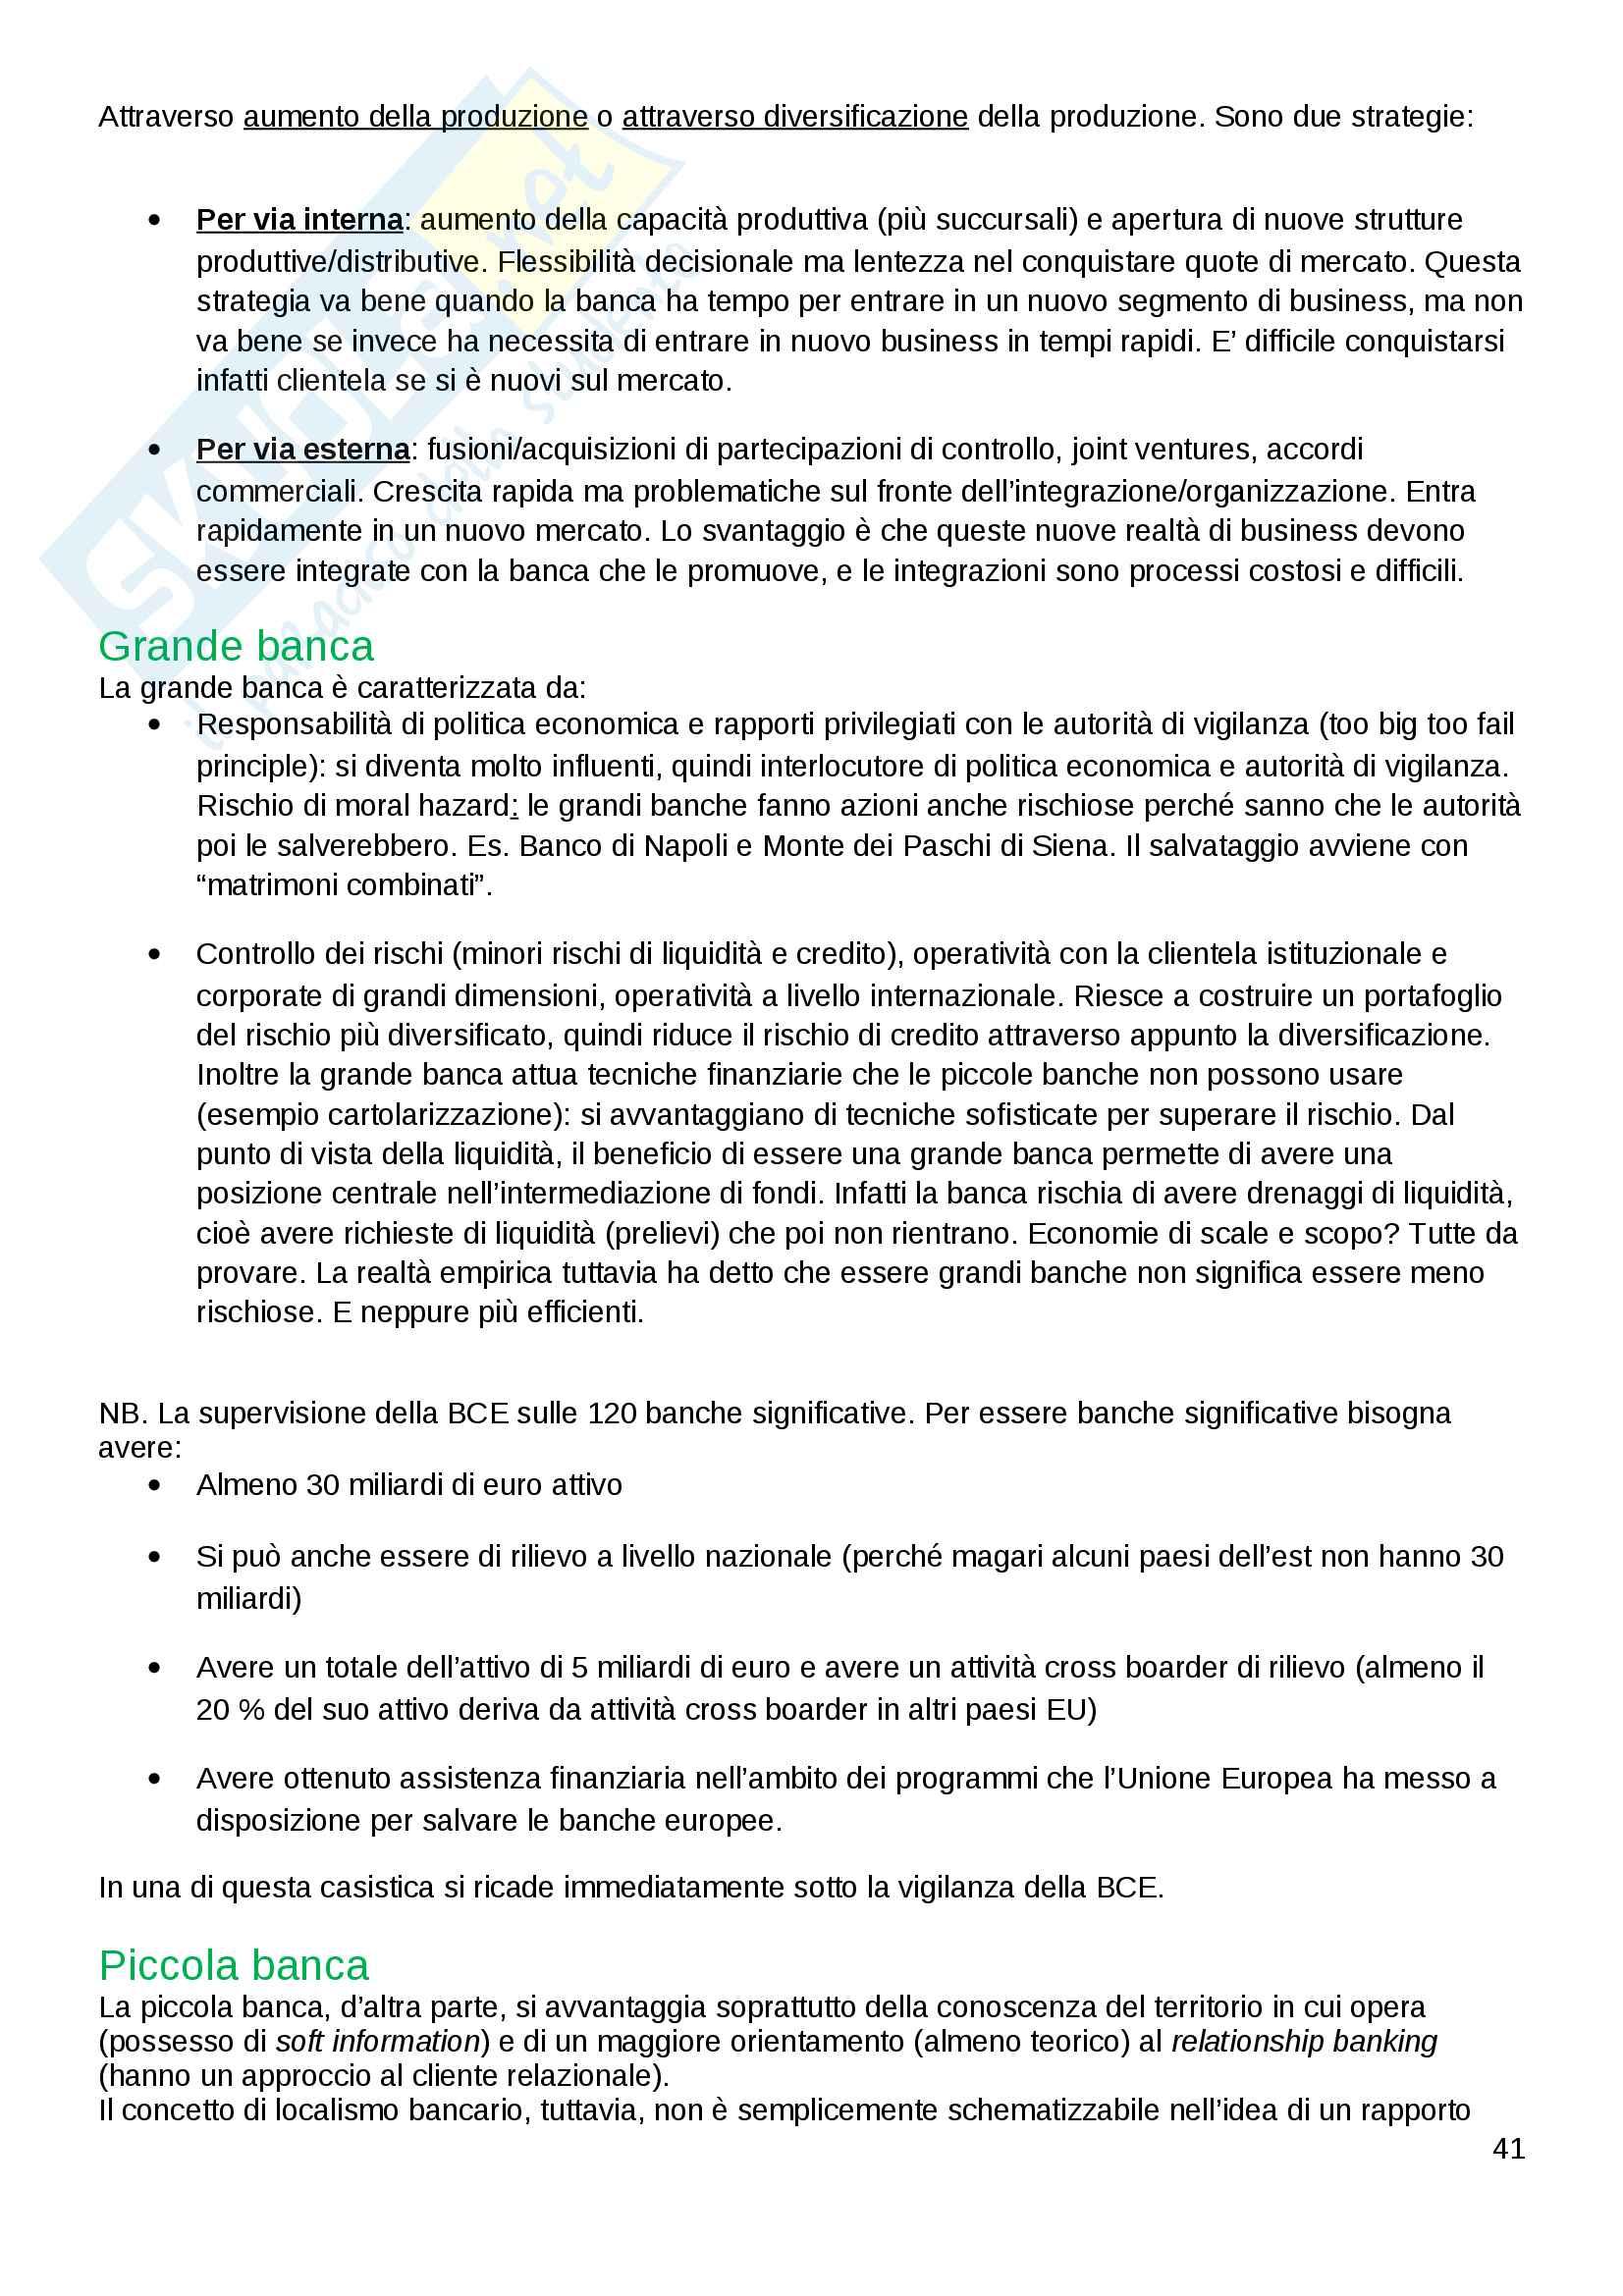 Economia delle Aziende di Credito Pag. 41